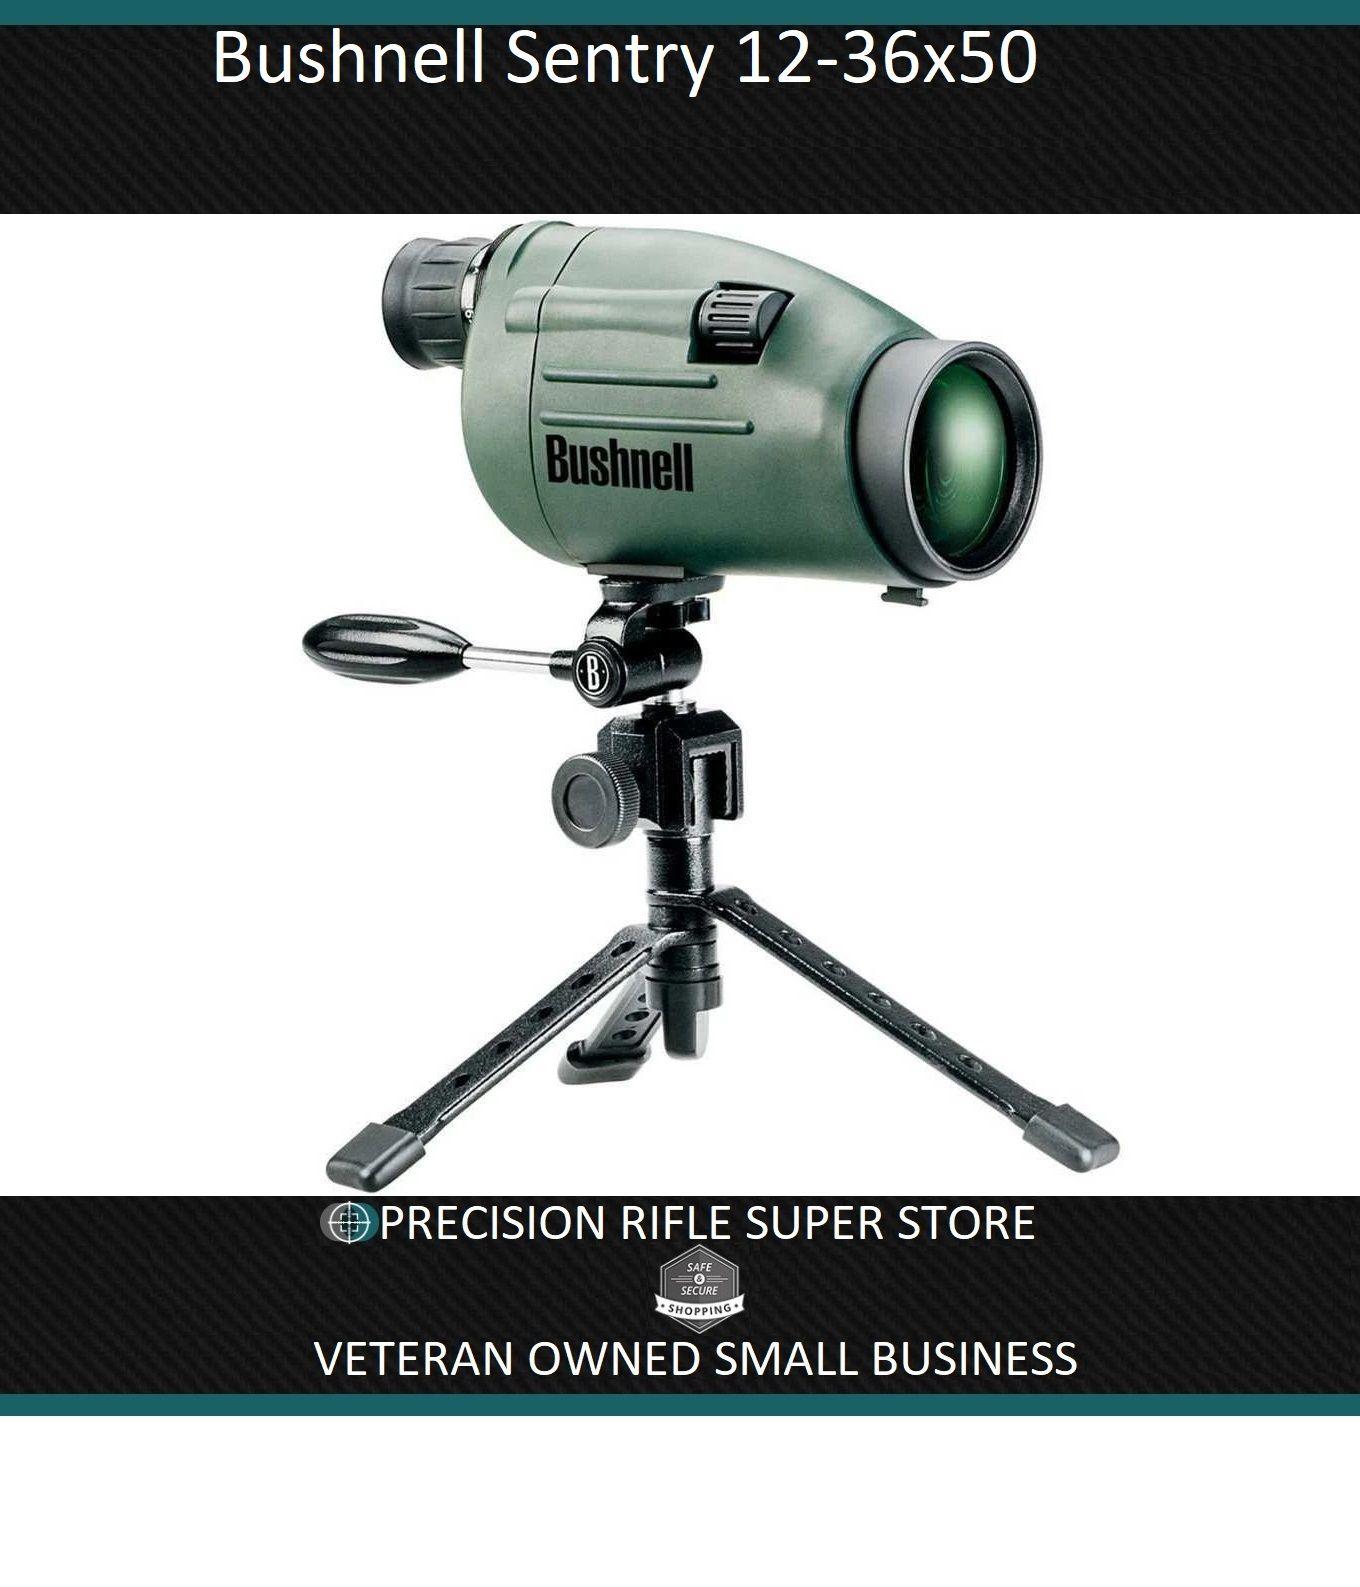 Bushnellsentry 12 36x50mm Spotting Scope Kit Green In 2020 Spotting Scopes Bushnell Optics Bushnell Scope